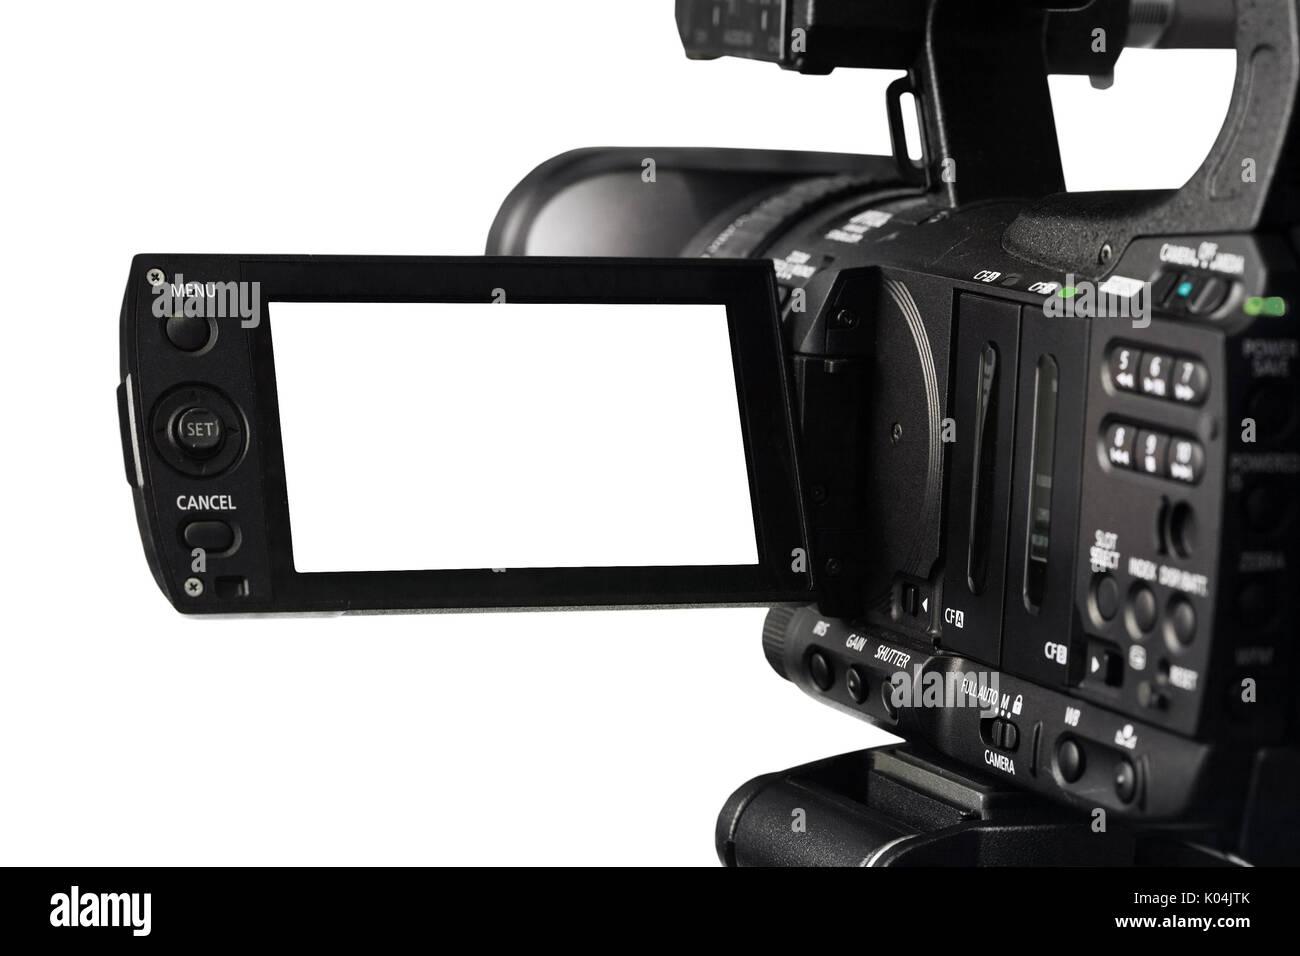 Tagliare fuori della videocamera HD e mirino Immagini Stock